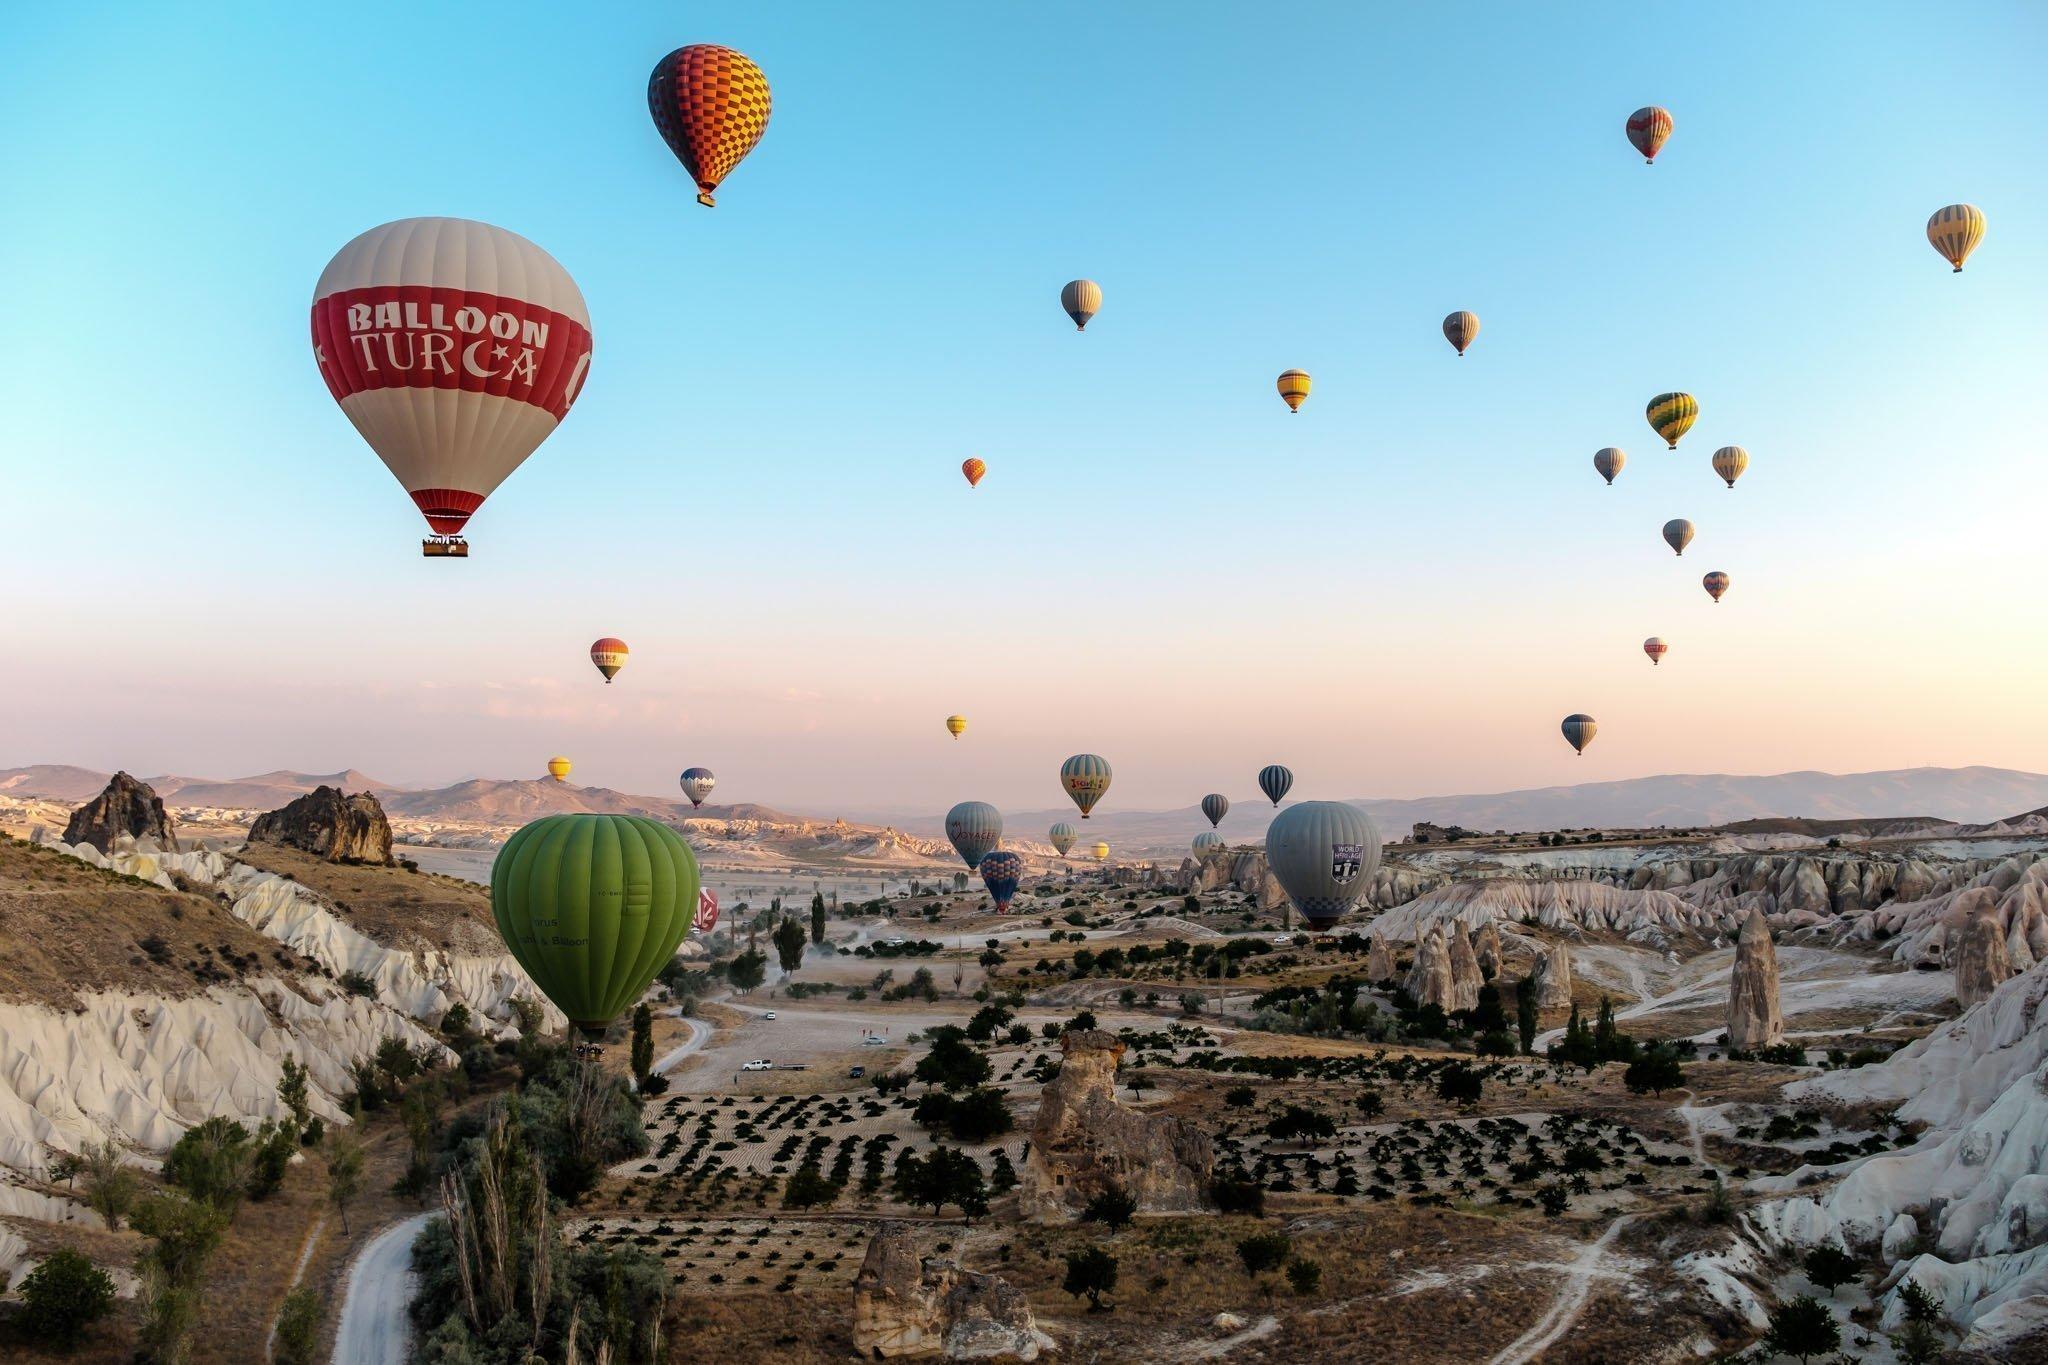 ВНЖ в Турции: что нужно знать и как оформить?